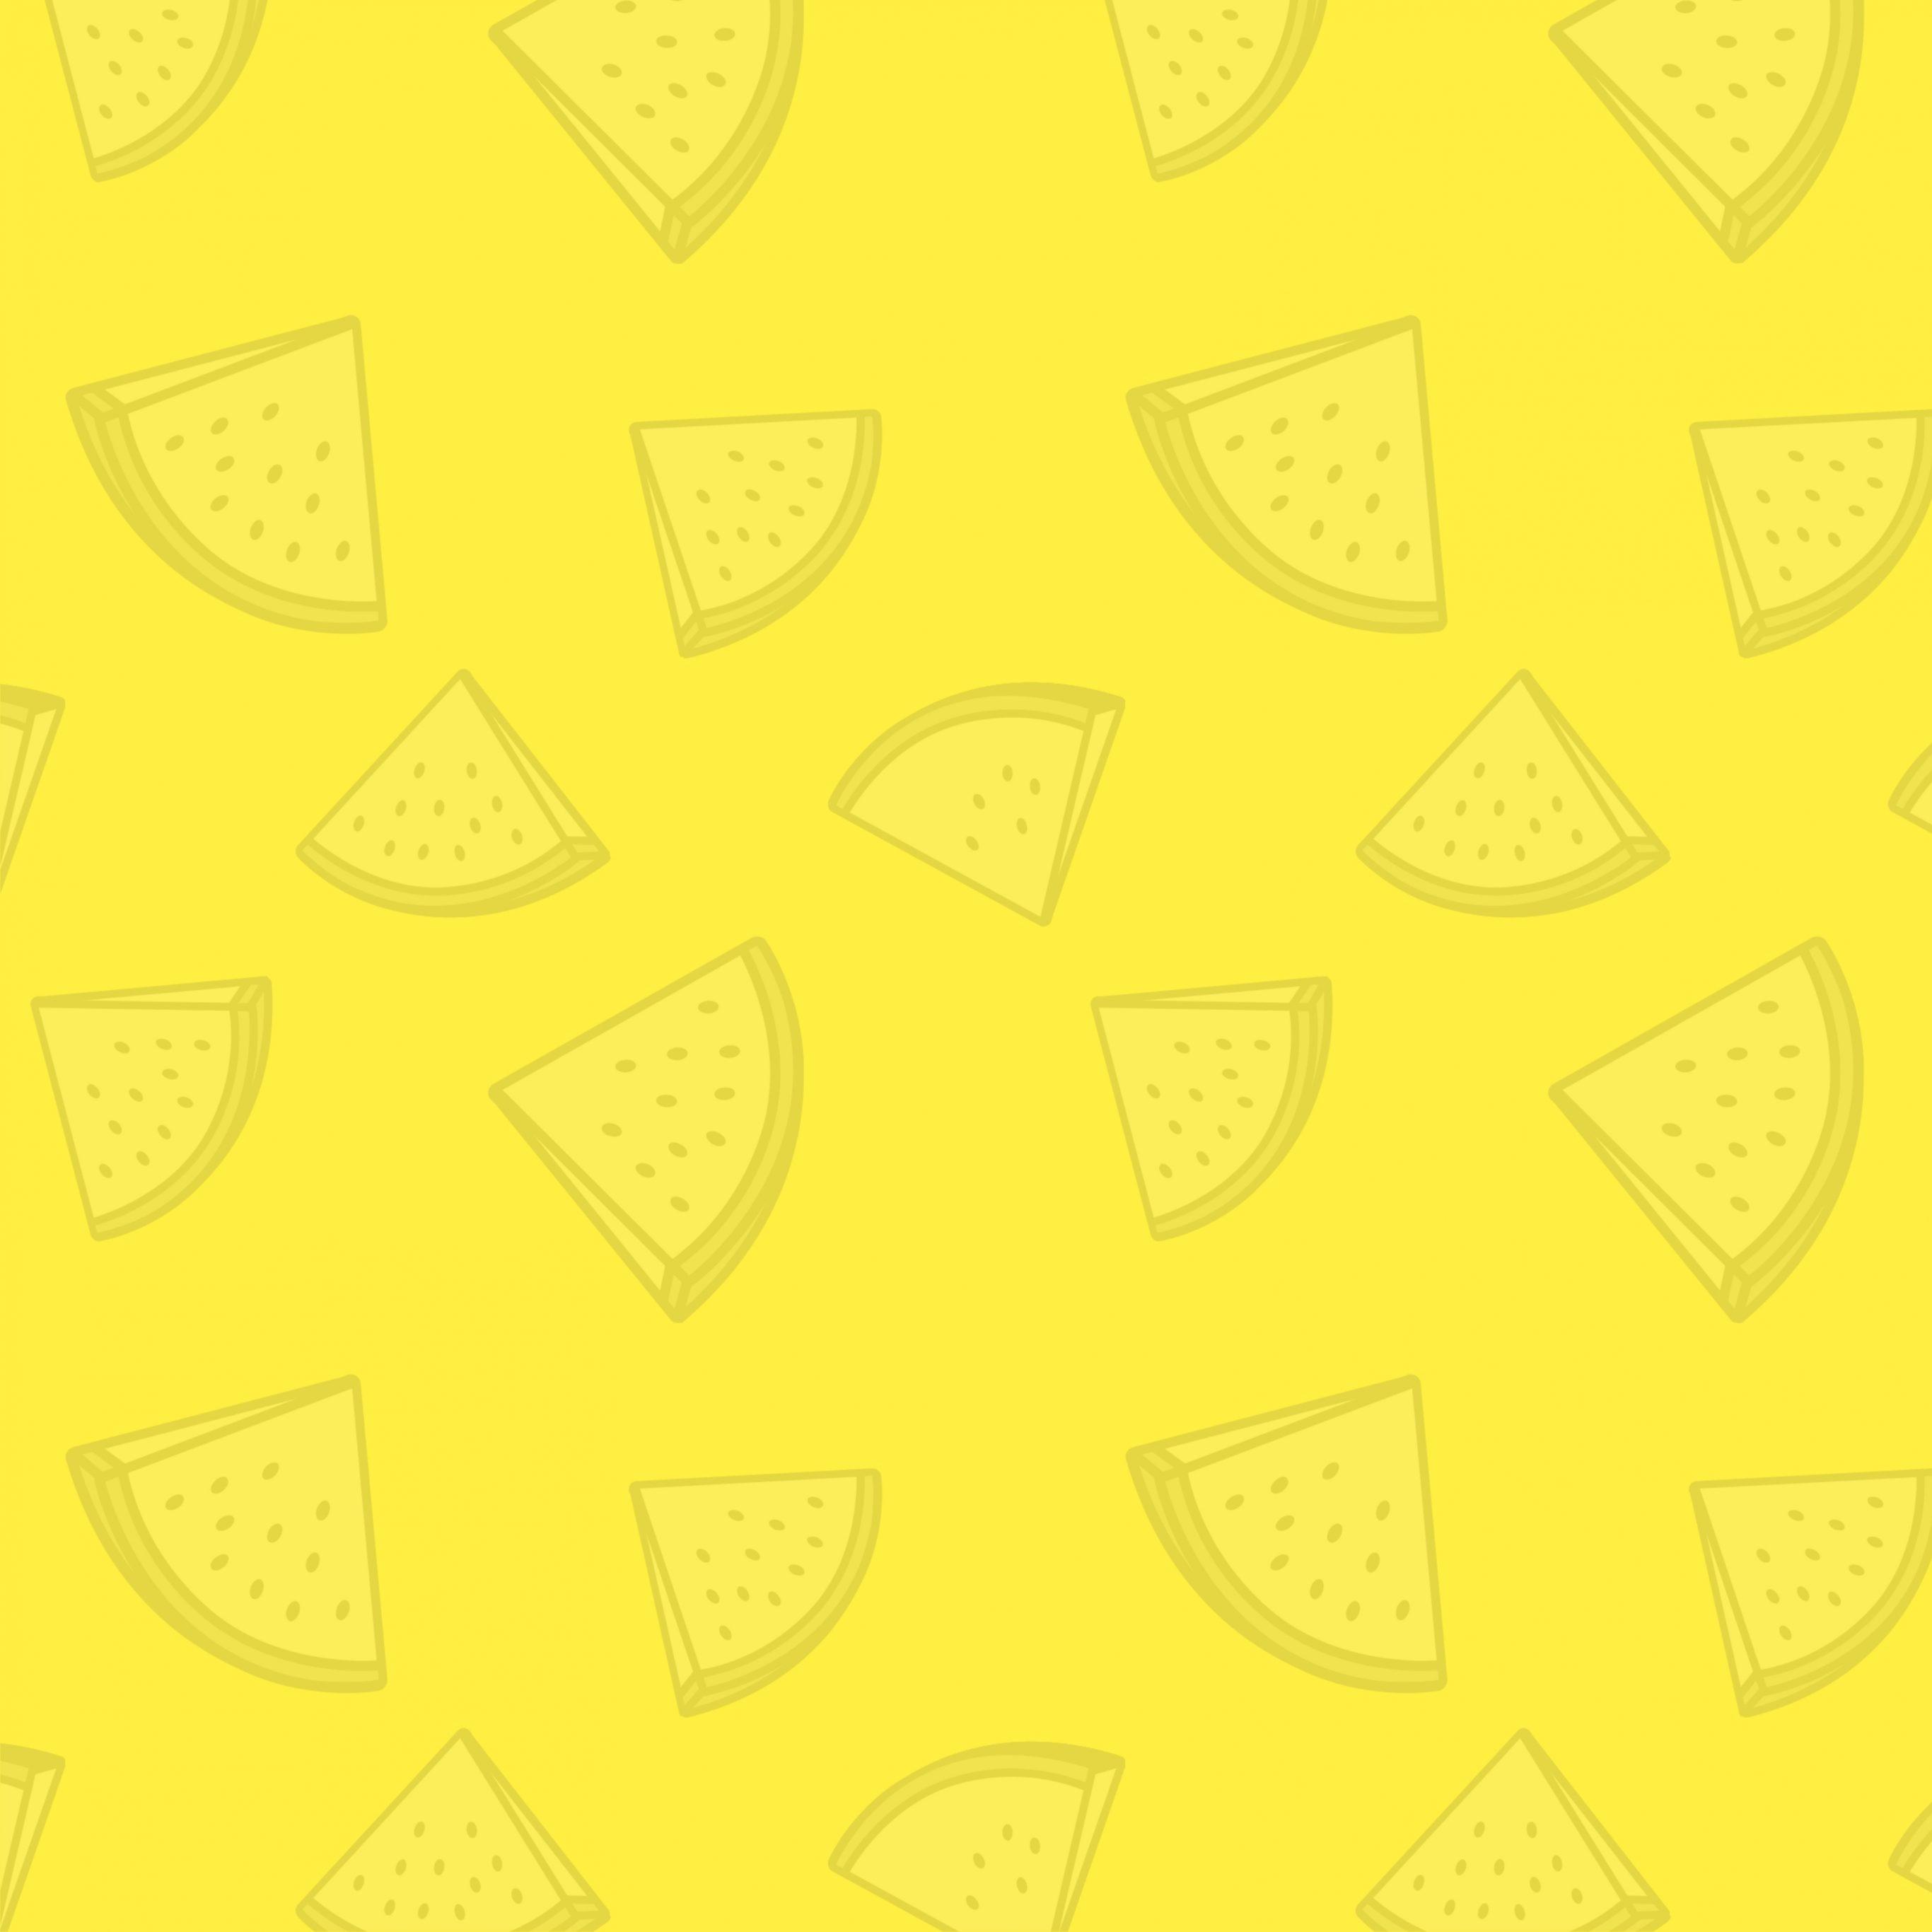 2732x2732 wallpapers 4k iPad Pro Watermelon Pattern Yellow iPad Wallpaper 2732x2732 pixels resolution